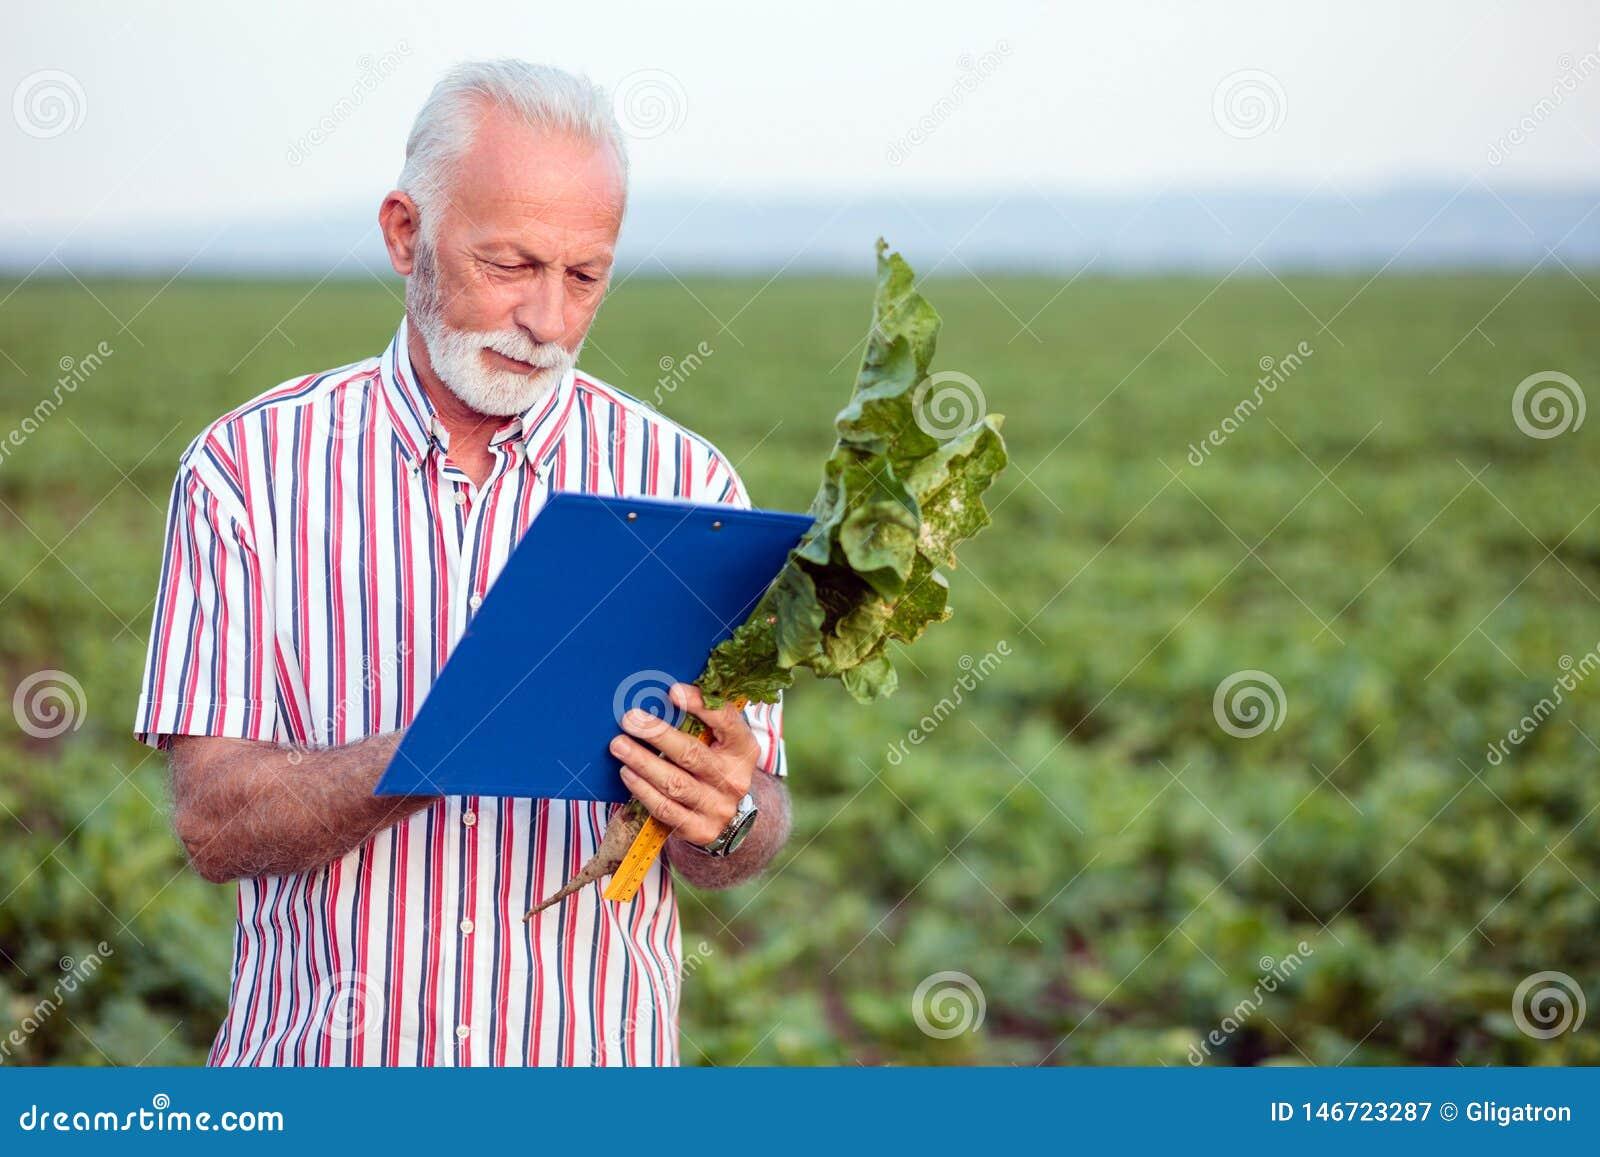 Ernster grauer behaarter Agronom oder Landwirt, welche die junge Zuckerrübenfabrik, einen Fragebogen ergänzend überprüft